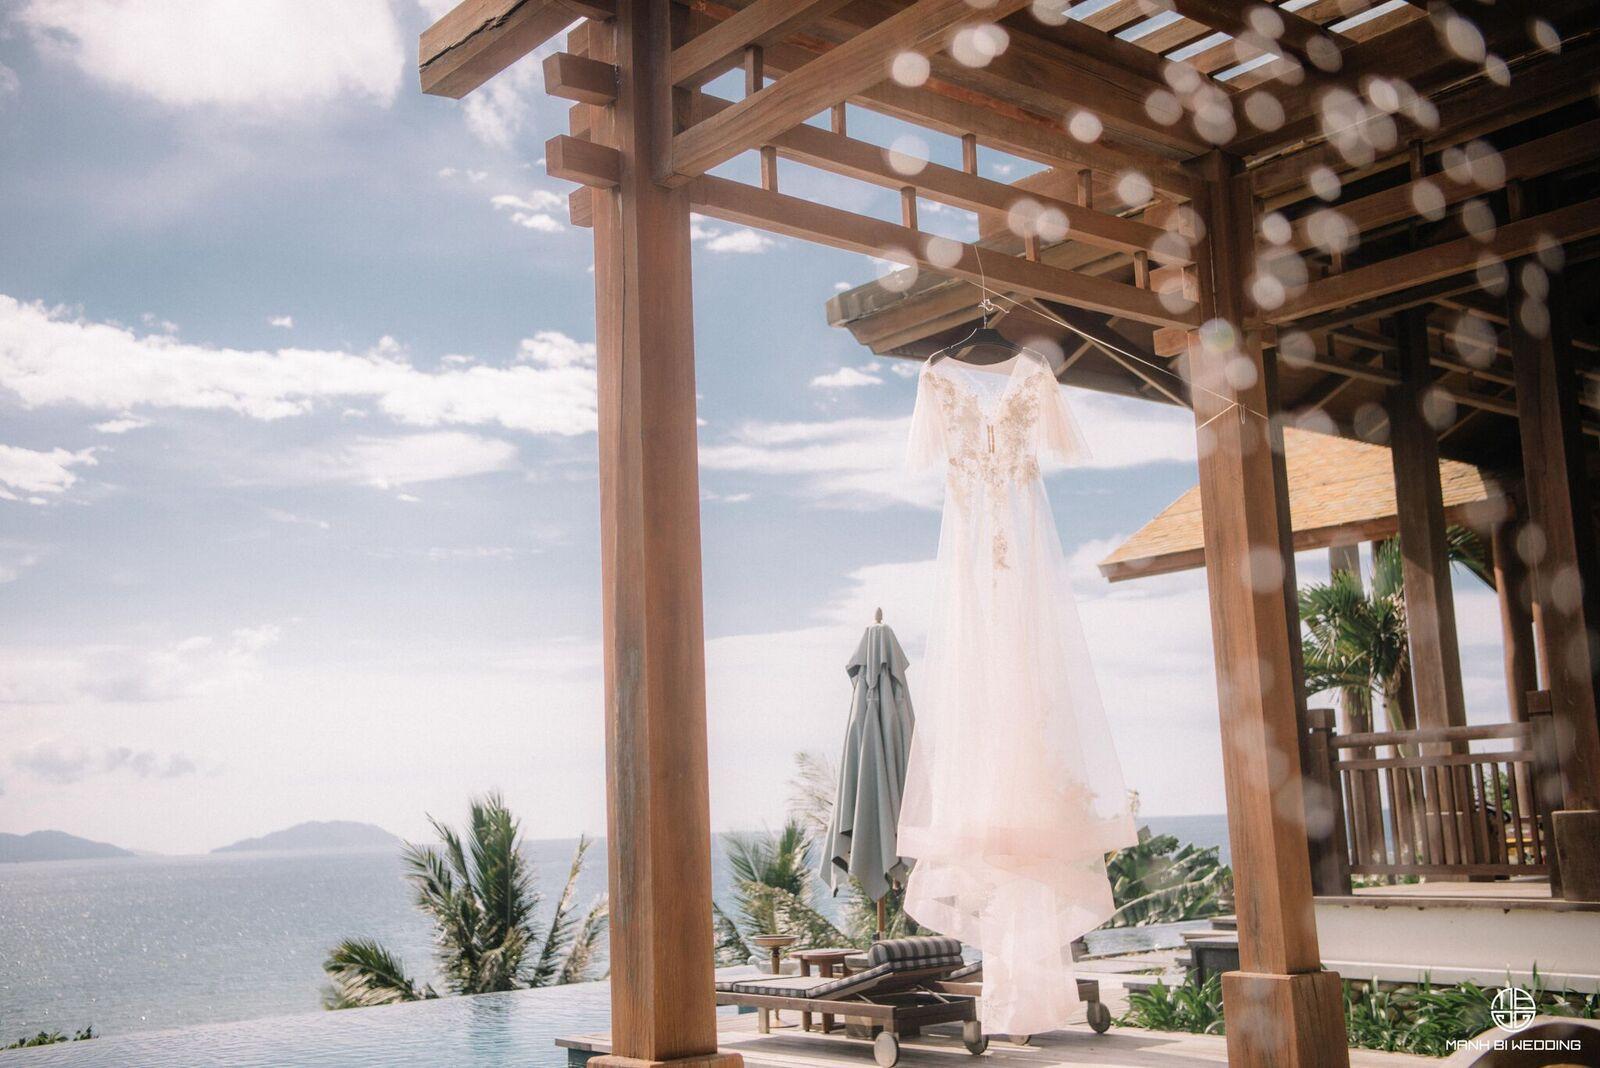 Nhà văn Gào chia sẻ nhiều thông tin thú vị về đám cưới như mơ ngay sau tiệc cưới hoành tráng trên bờ biển - Ảnh 5.